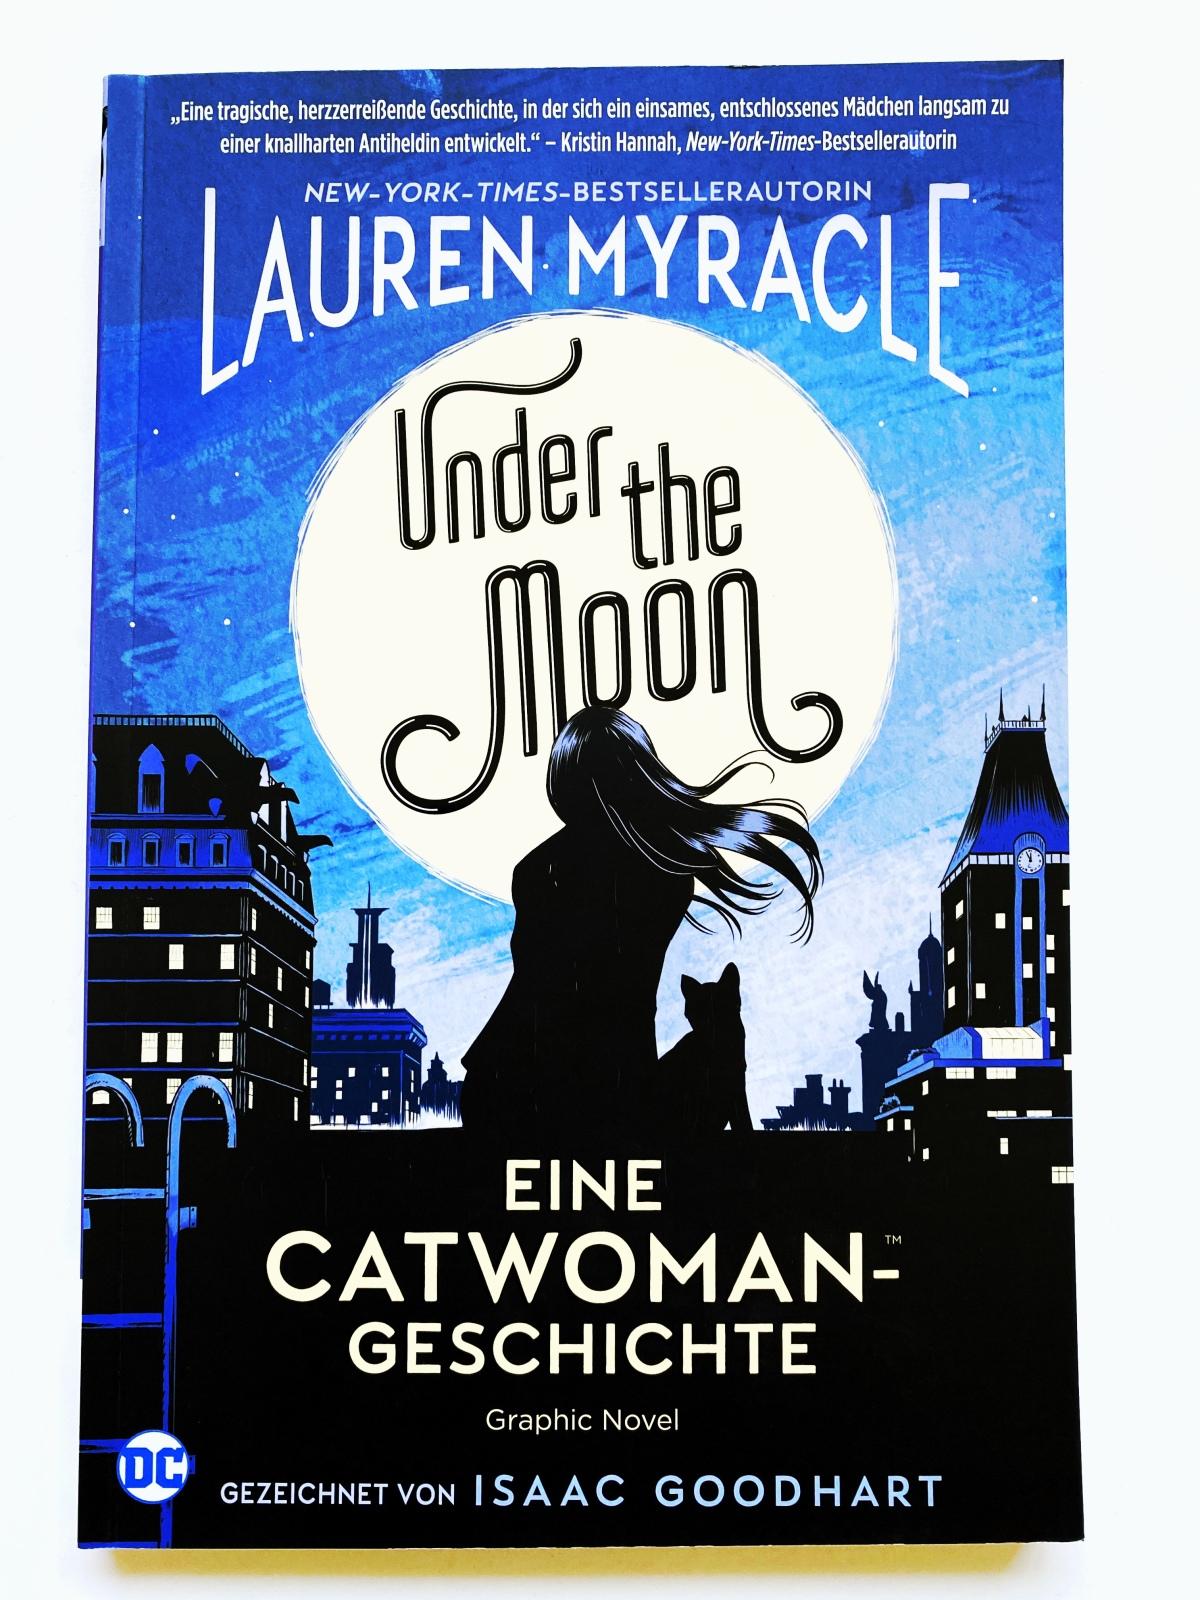 Under the Moon: Eine Catwoman-Geschichte 🐈🌕 | Review [Rezensionsexemplar]